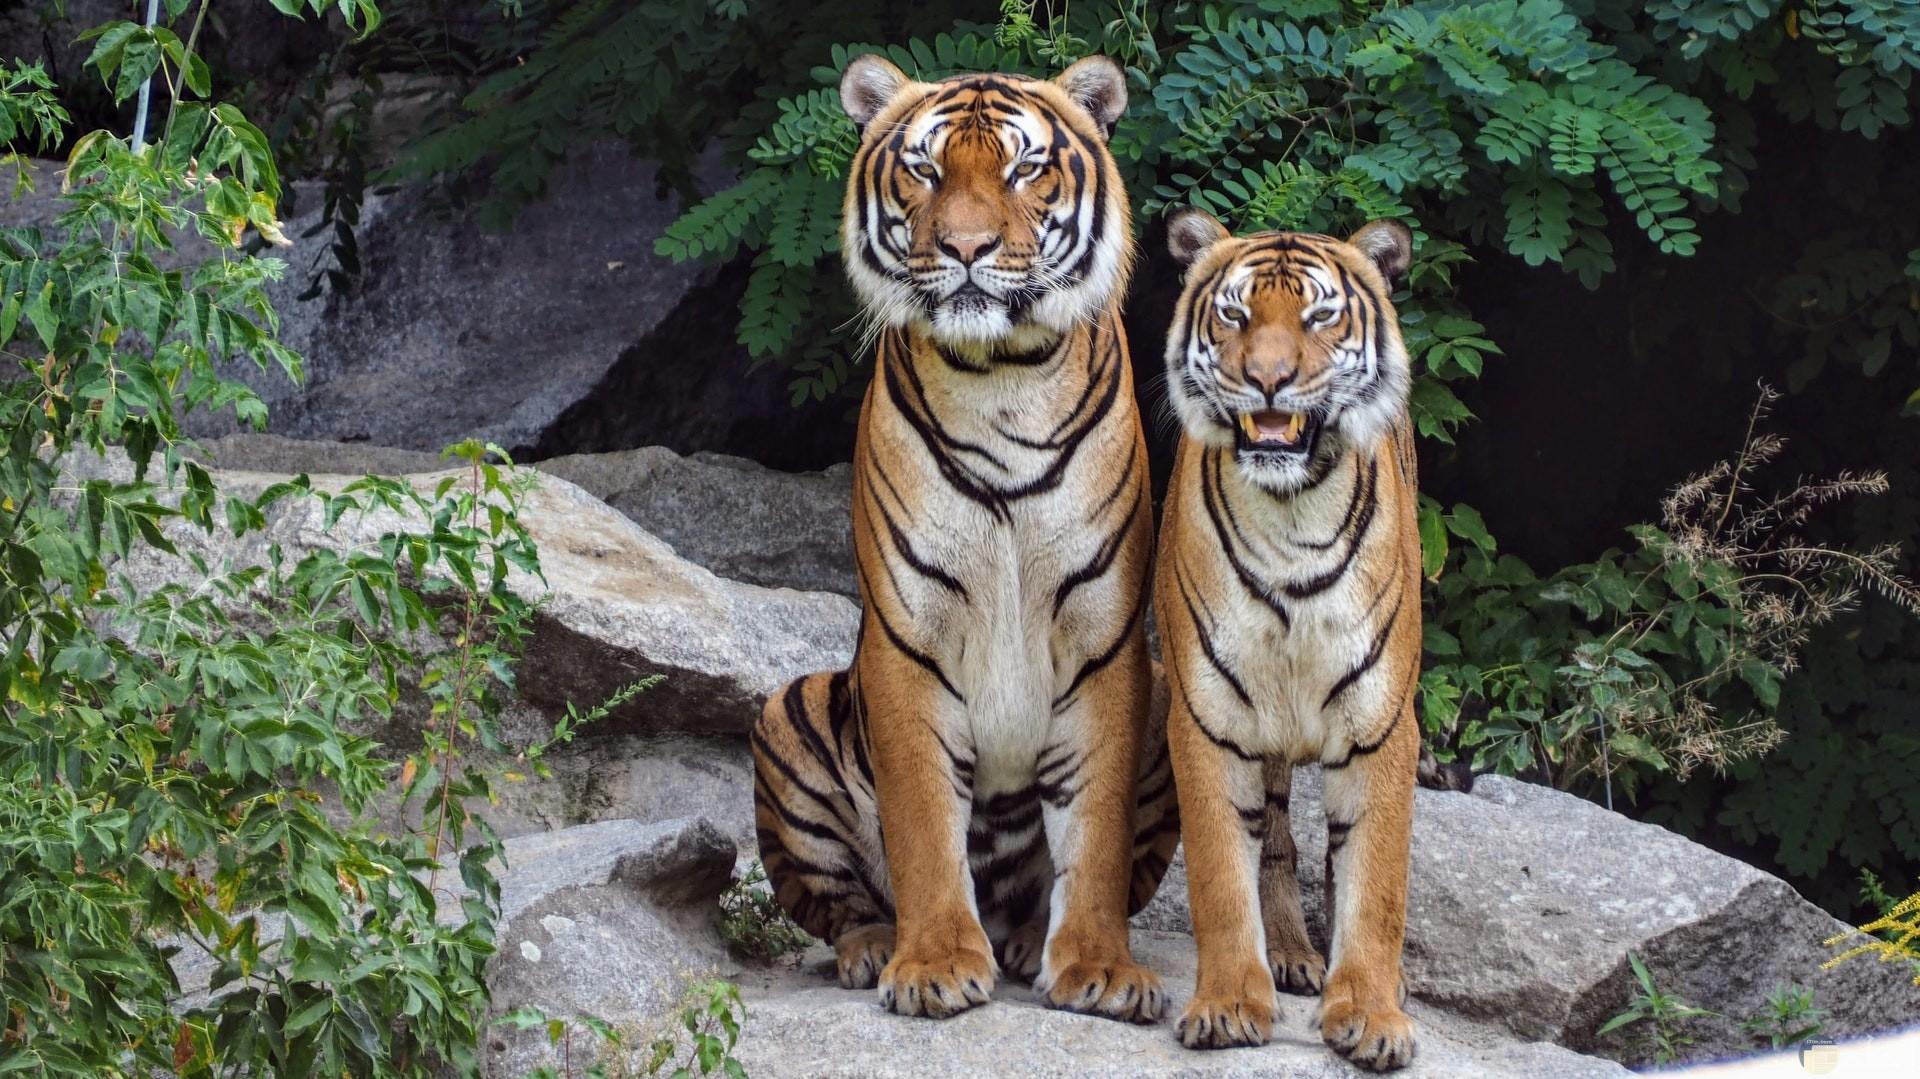 صورة مميزة لنمرين بجانب بعض واقفين في الغابة